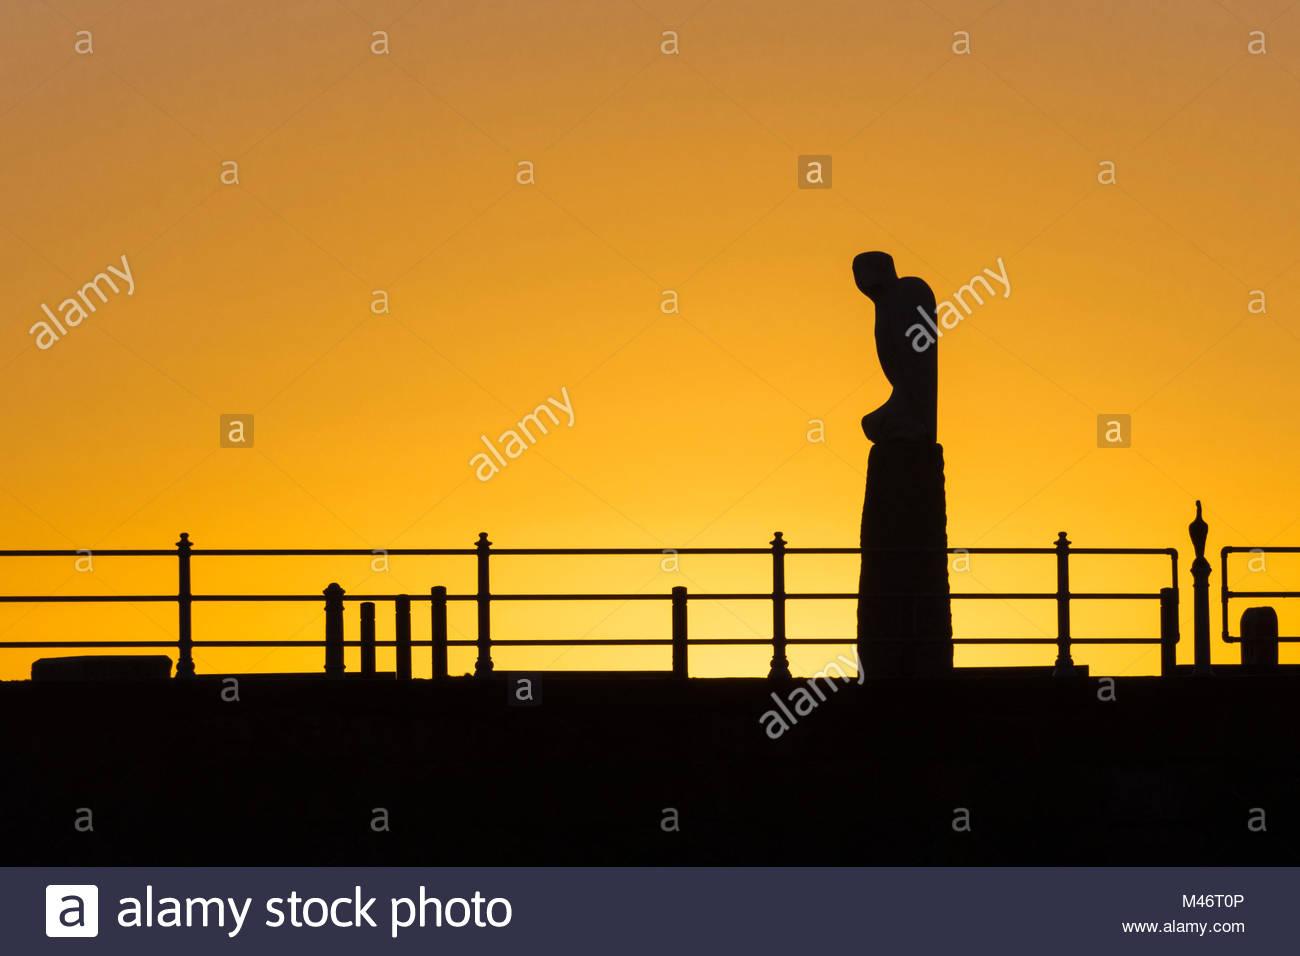 Il mitico uccello scultura da Gordon giovani, parte del progetto Tern, si stagliano contro un arancione tramonto Immagini Stock